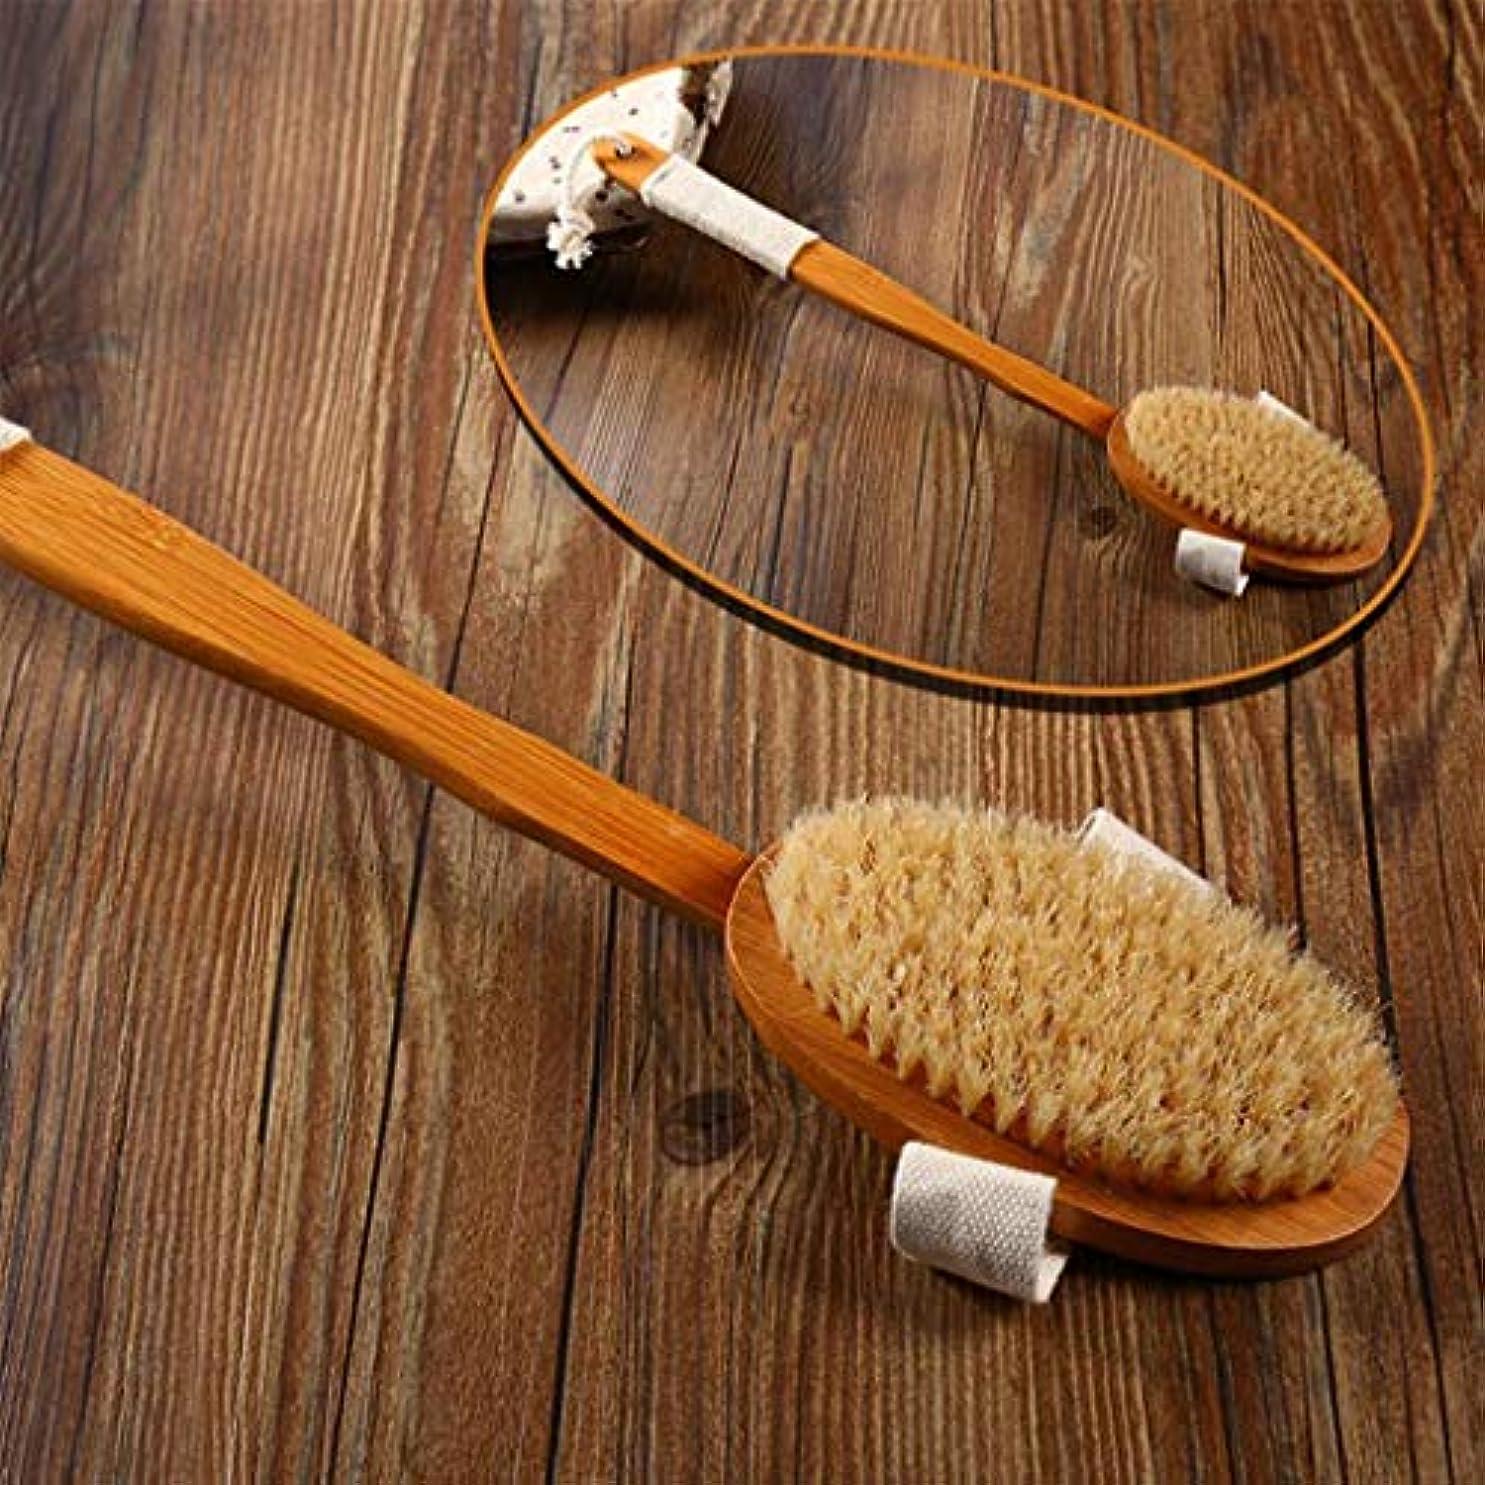 場合最後に幸運ボディブラシナチュラル剛毛バスブラシロングハンドル木製剛毛ソフトヘアラブバックシャワーブラシ角質マッサージブラシを取り外します